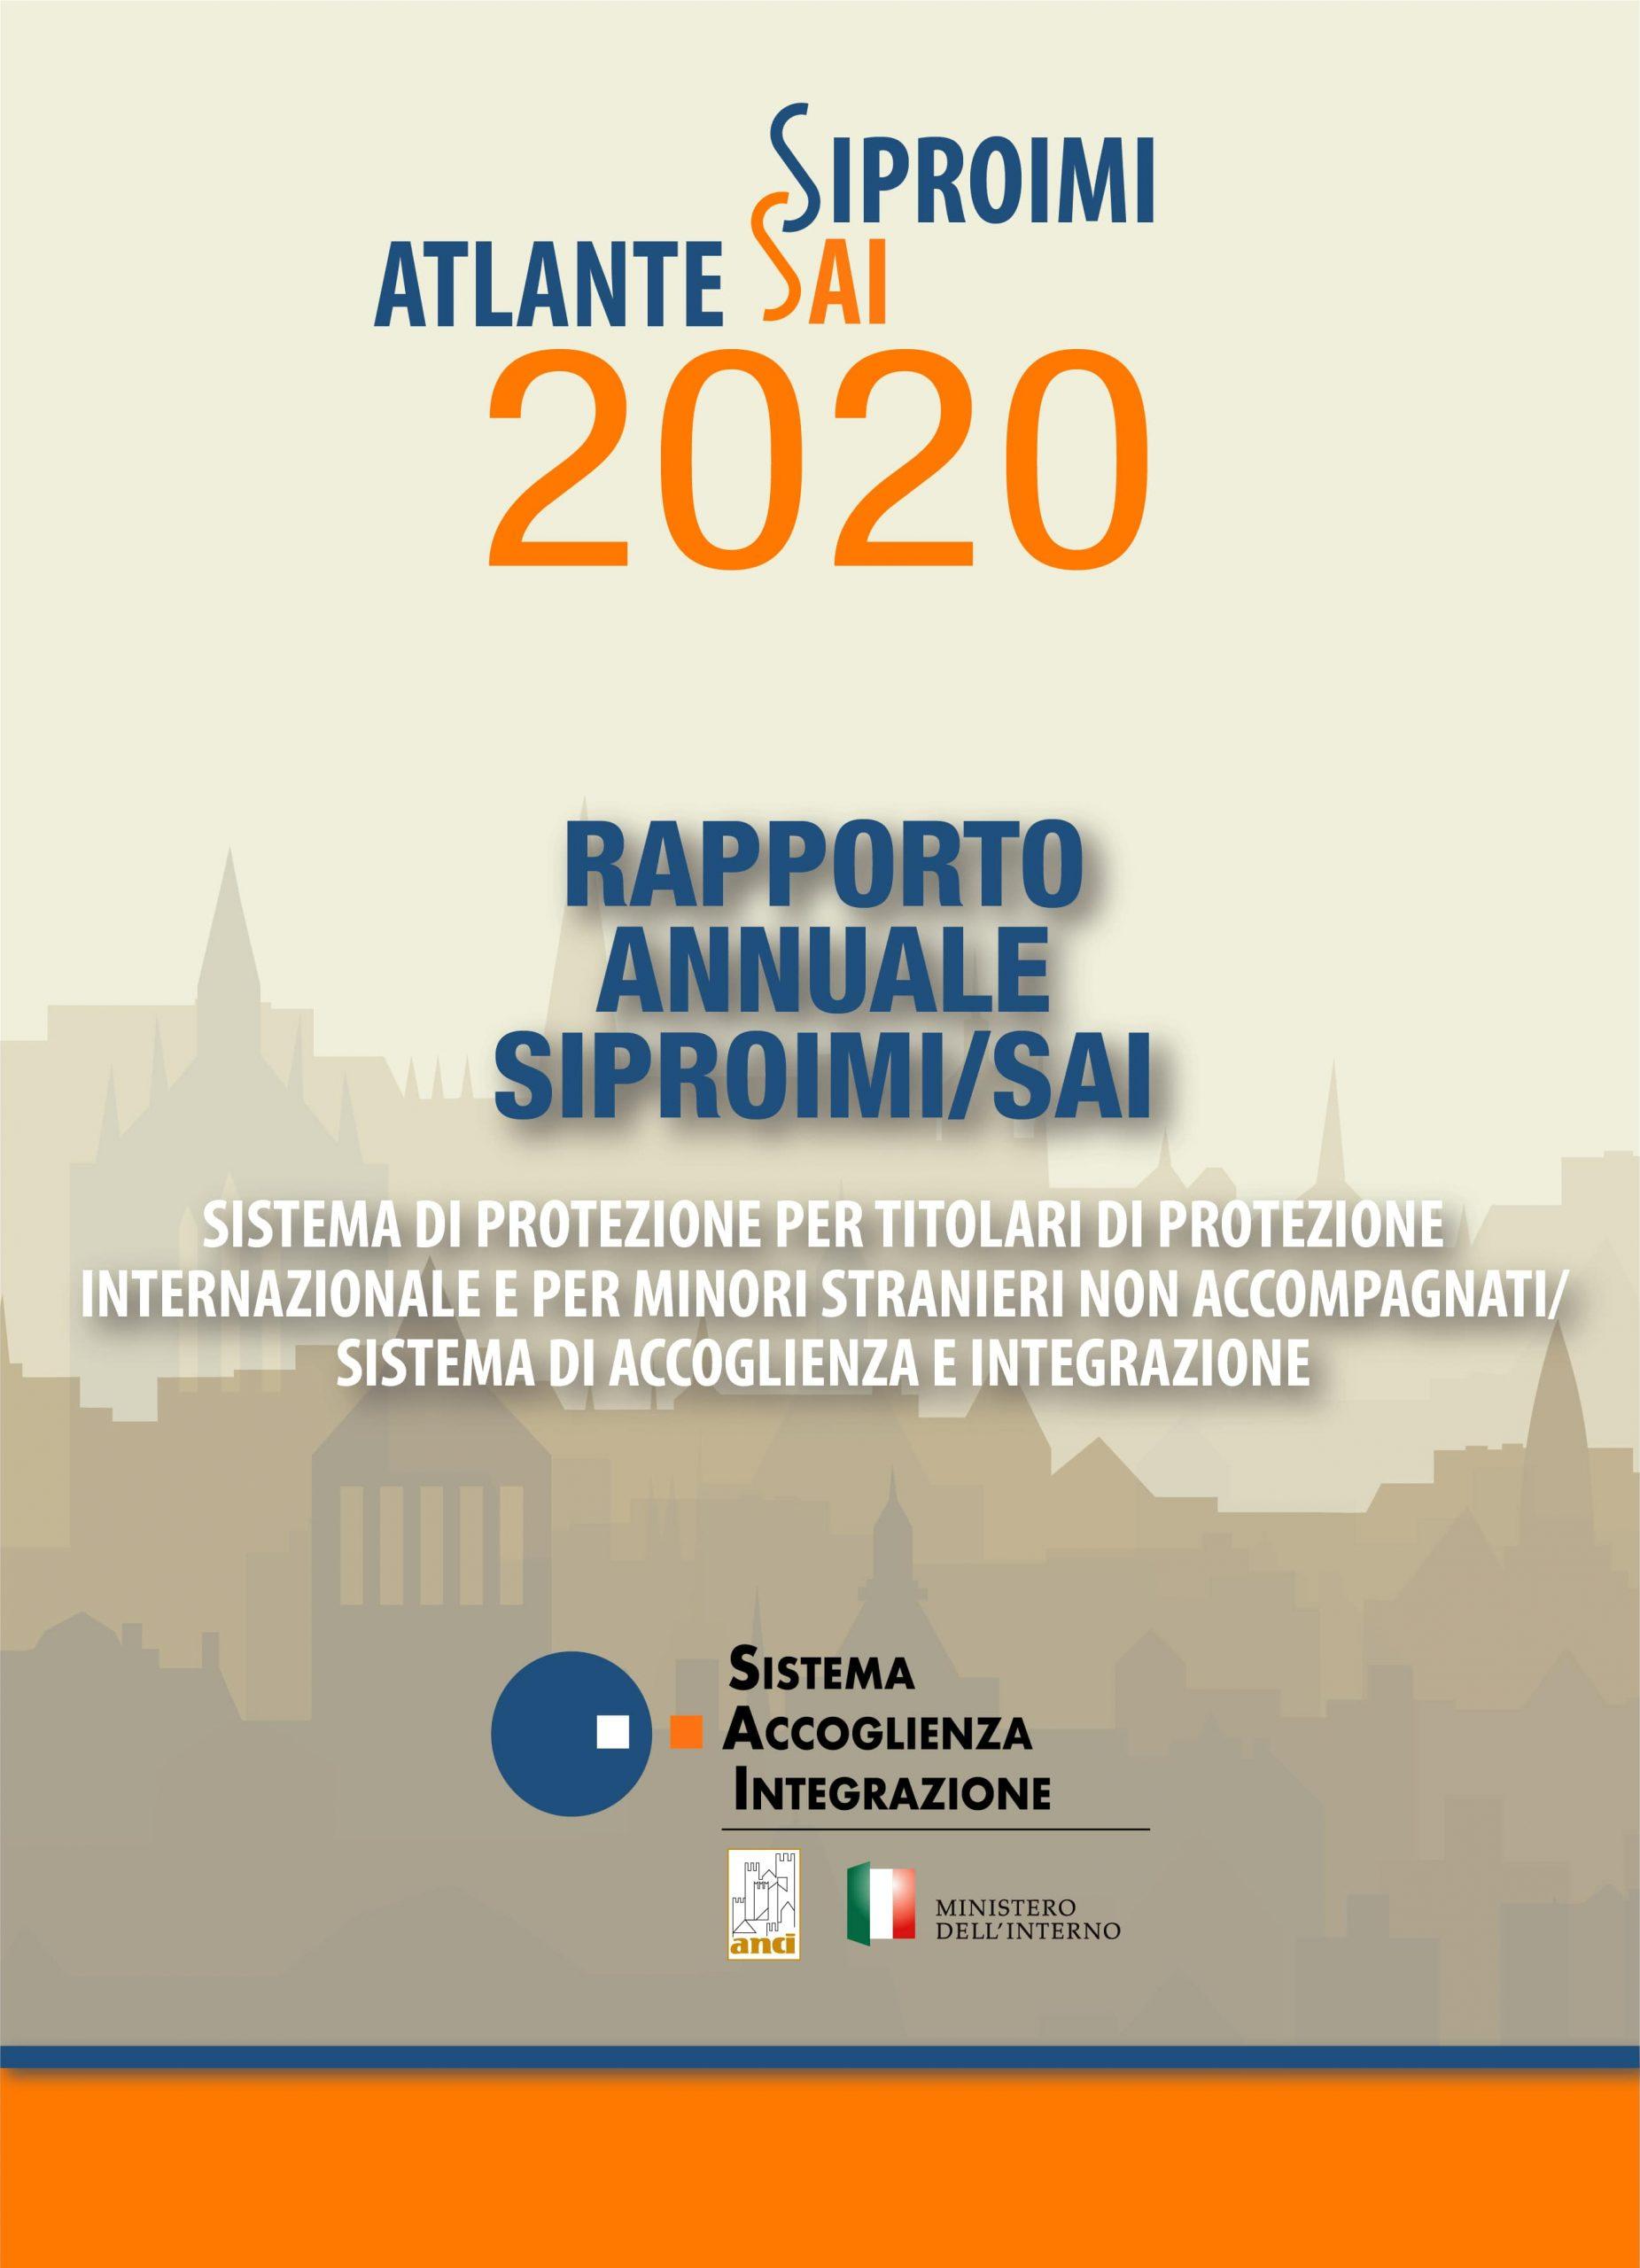 """Immigrazione. Presentato l'Atlante Siproimi 2020, Biffoni: """"Il sistema ha reagito in modo concreto alla pandemia"""""""